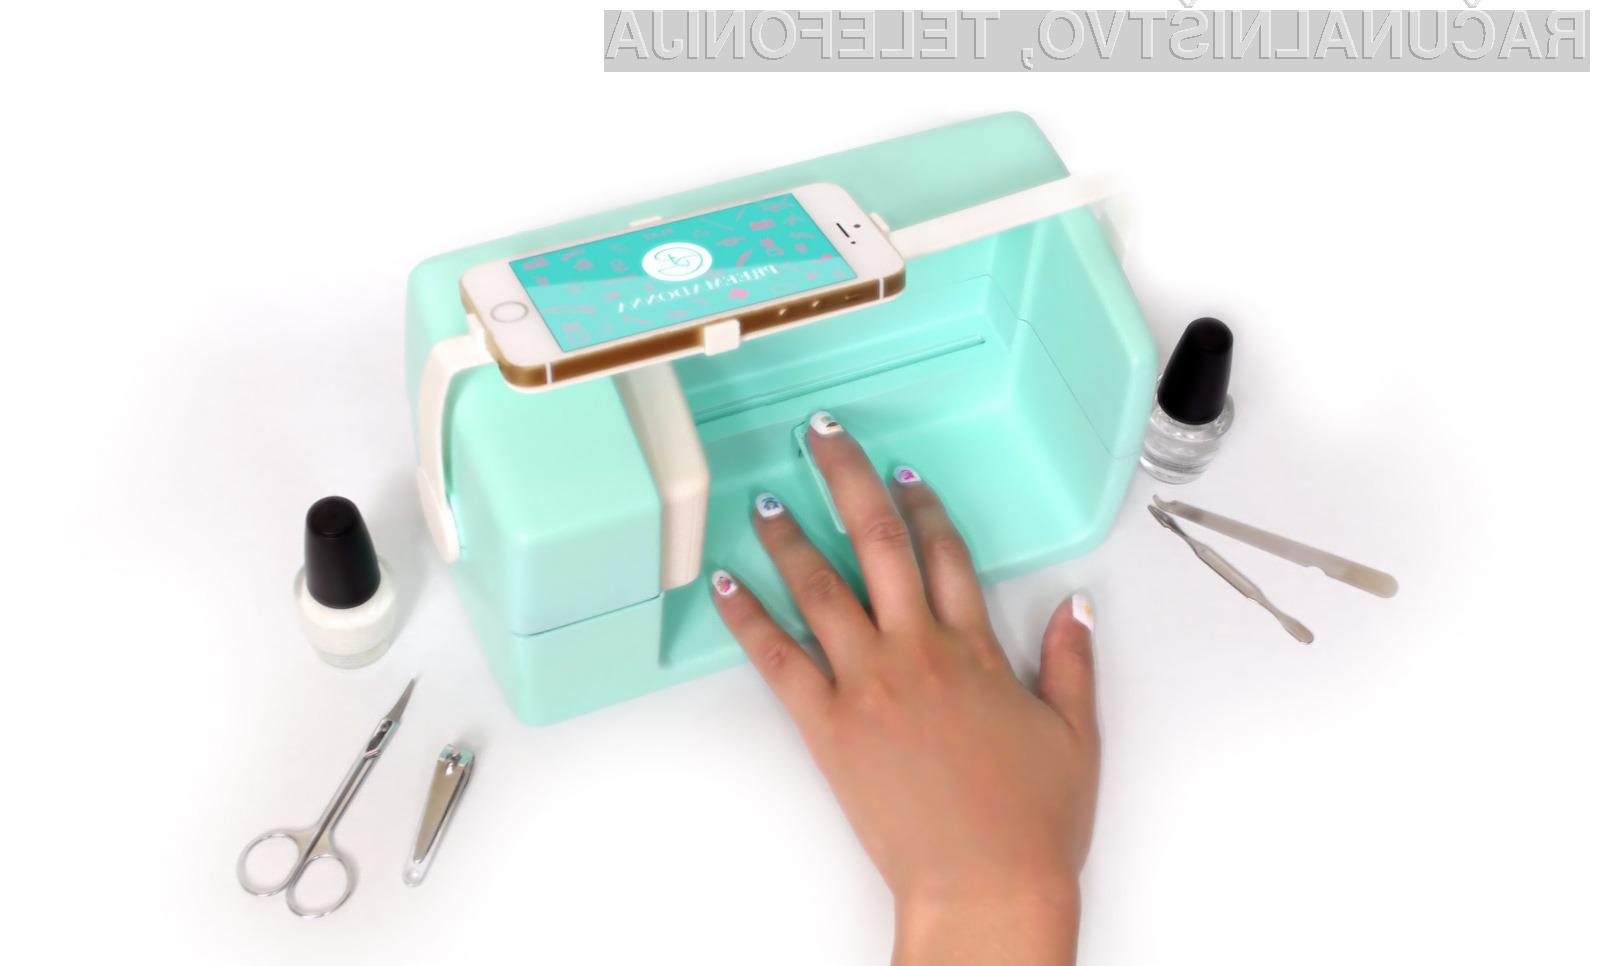 Tiskalnik za ženske Preemadona Nailbot z mobilno napravo povežemo kar preko modrozobe povezave.